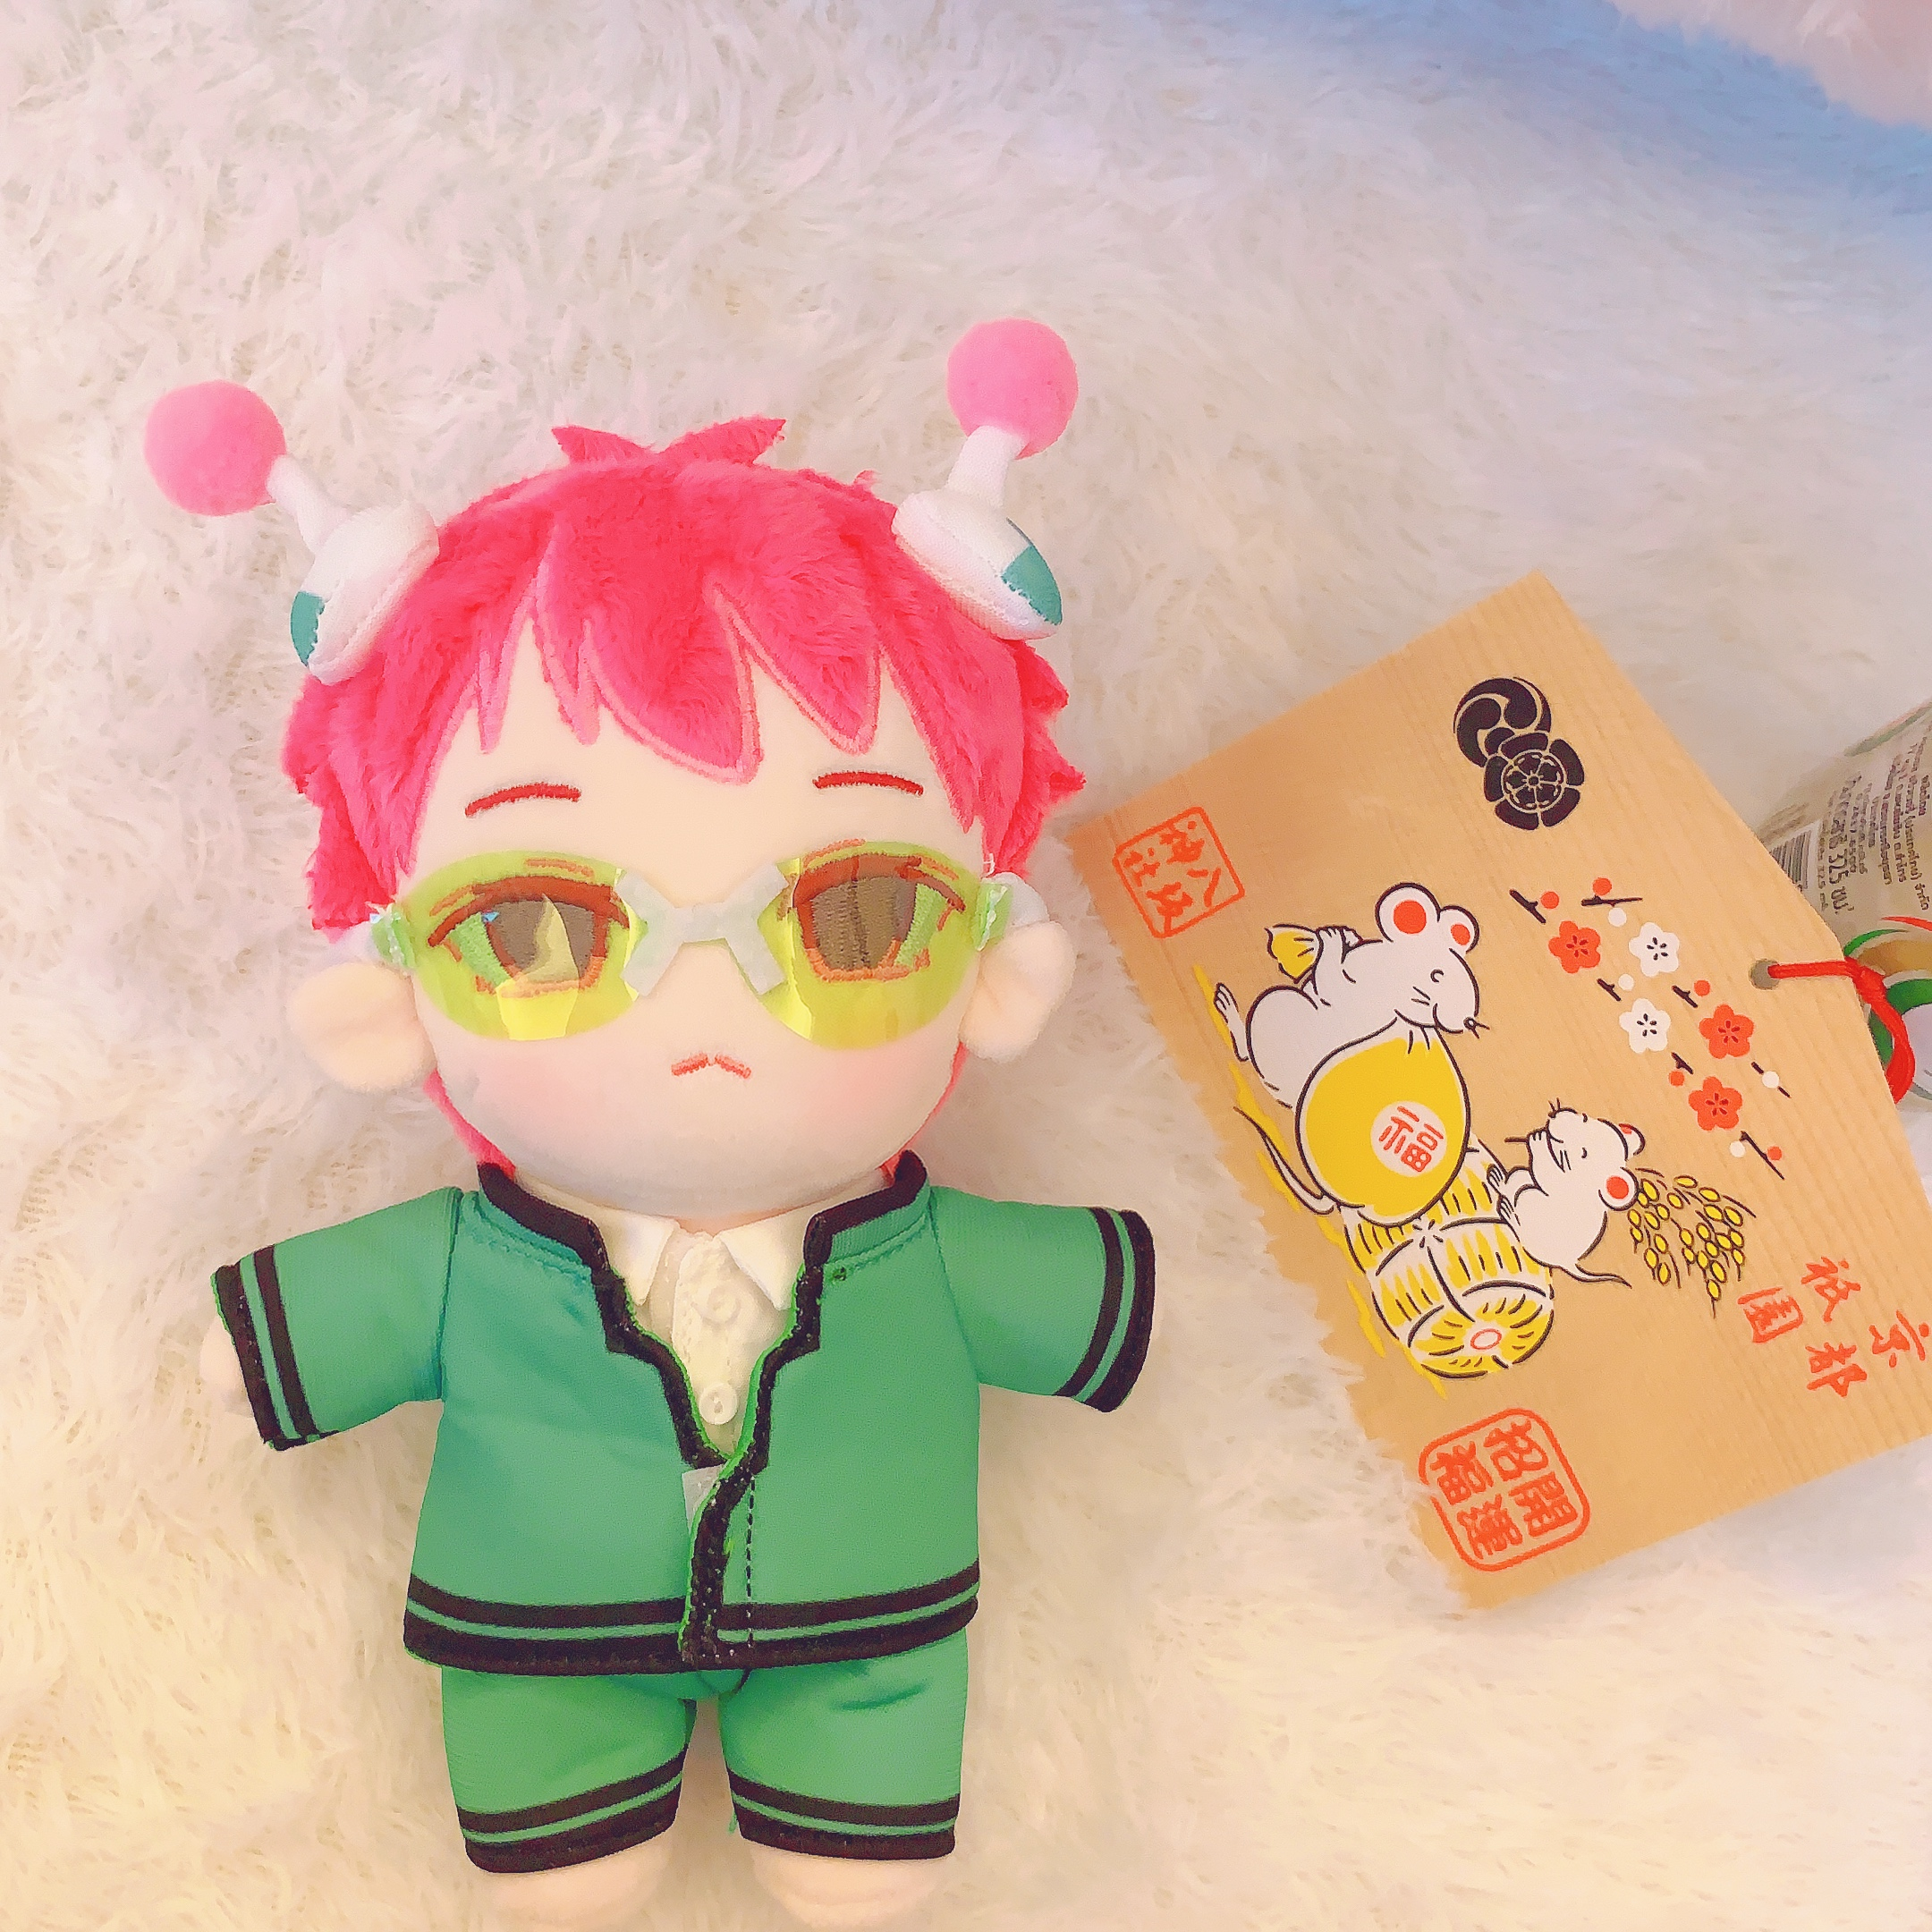 Anime la desastrosa VIDA DE Saiki K Saiki-muñeco de peluche de 20cm para niños, muñeco de peluche de 20cm